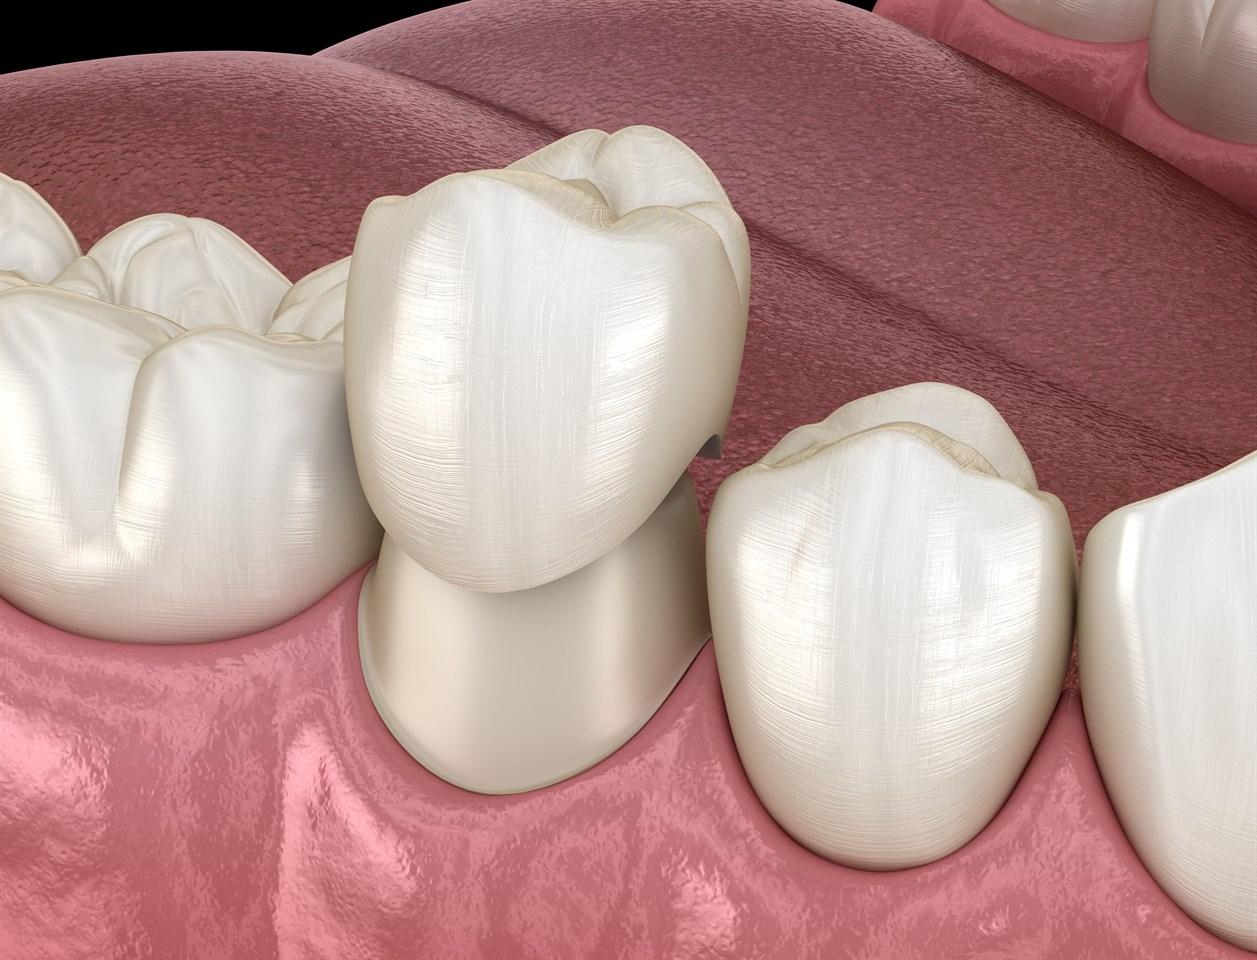 восстановление зубов коронкой